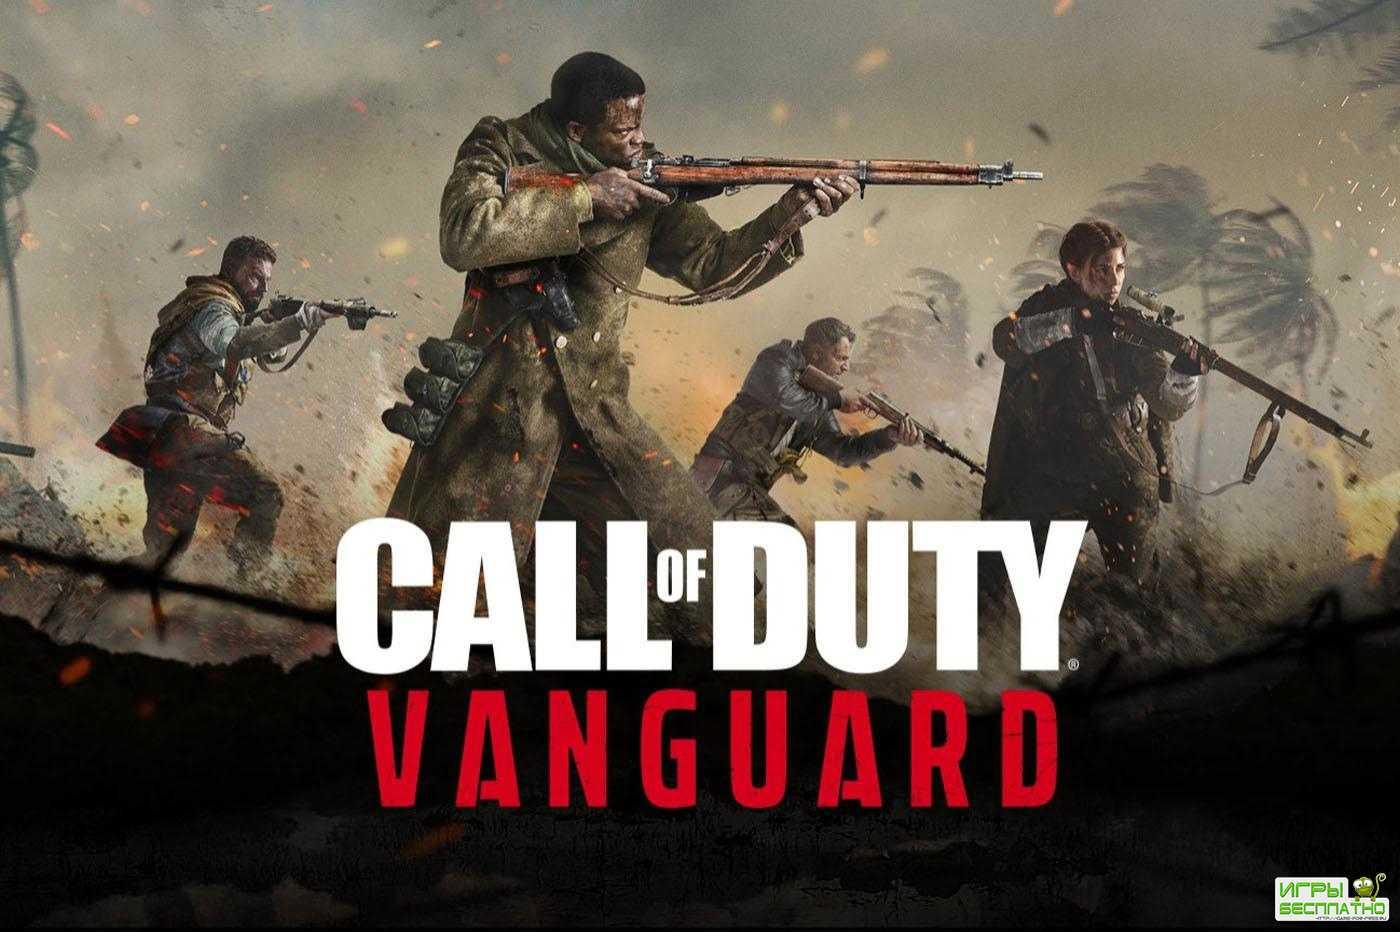 Горящий Сталинград в Call of Duty: Vanguard создавался на основе фотографий ...